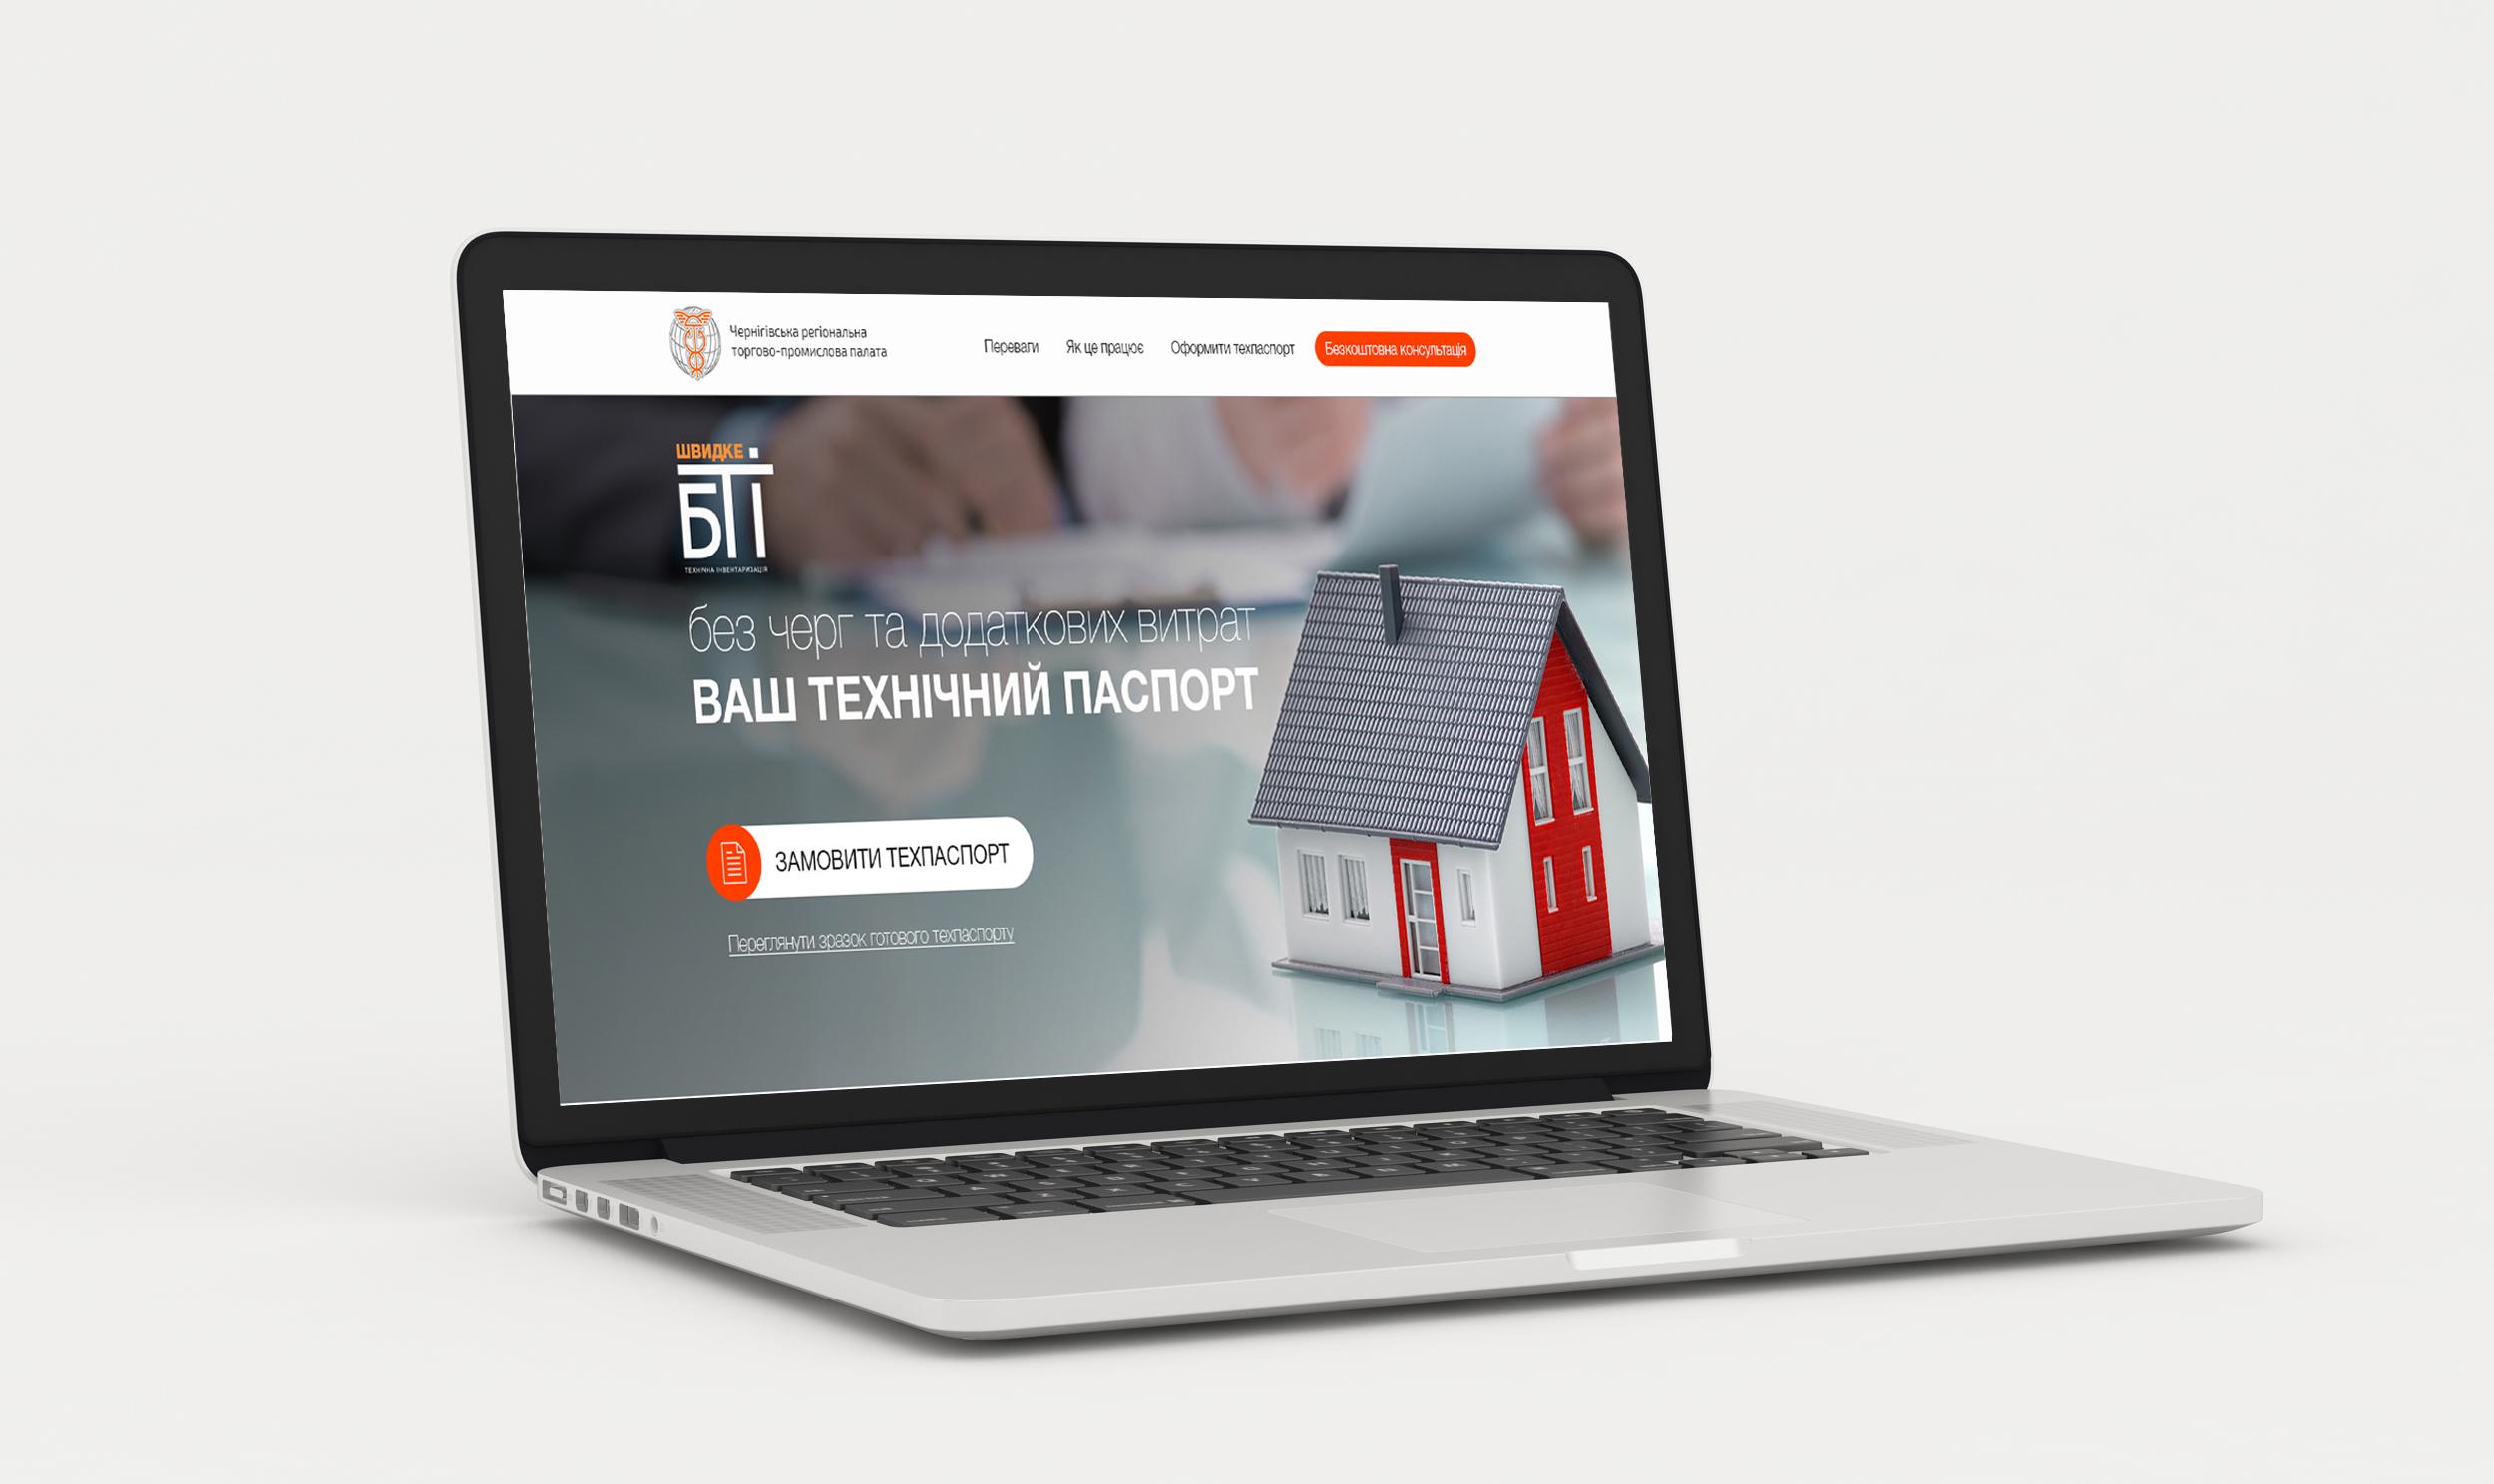 Сайт для Черниговской Торгово-промышленной Палаты по услуге БТИ